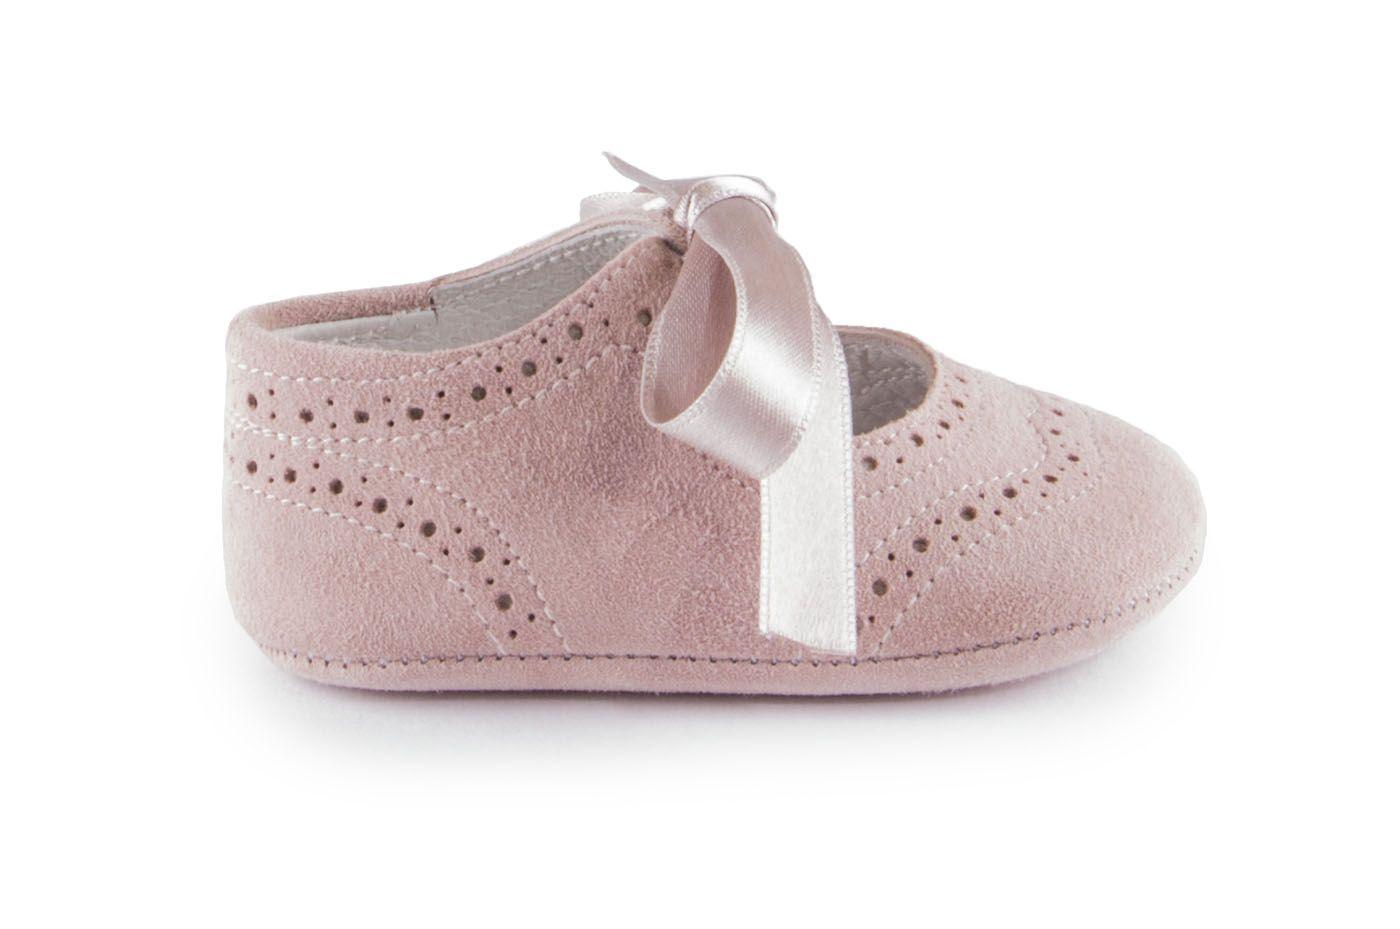 90375ae26 Comprar zapato tipo BEBE NIÑA estilo MERCEDES COLOR ROSA ANTE ...